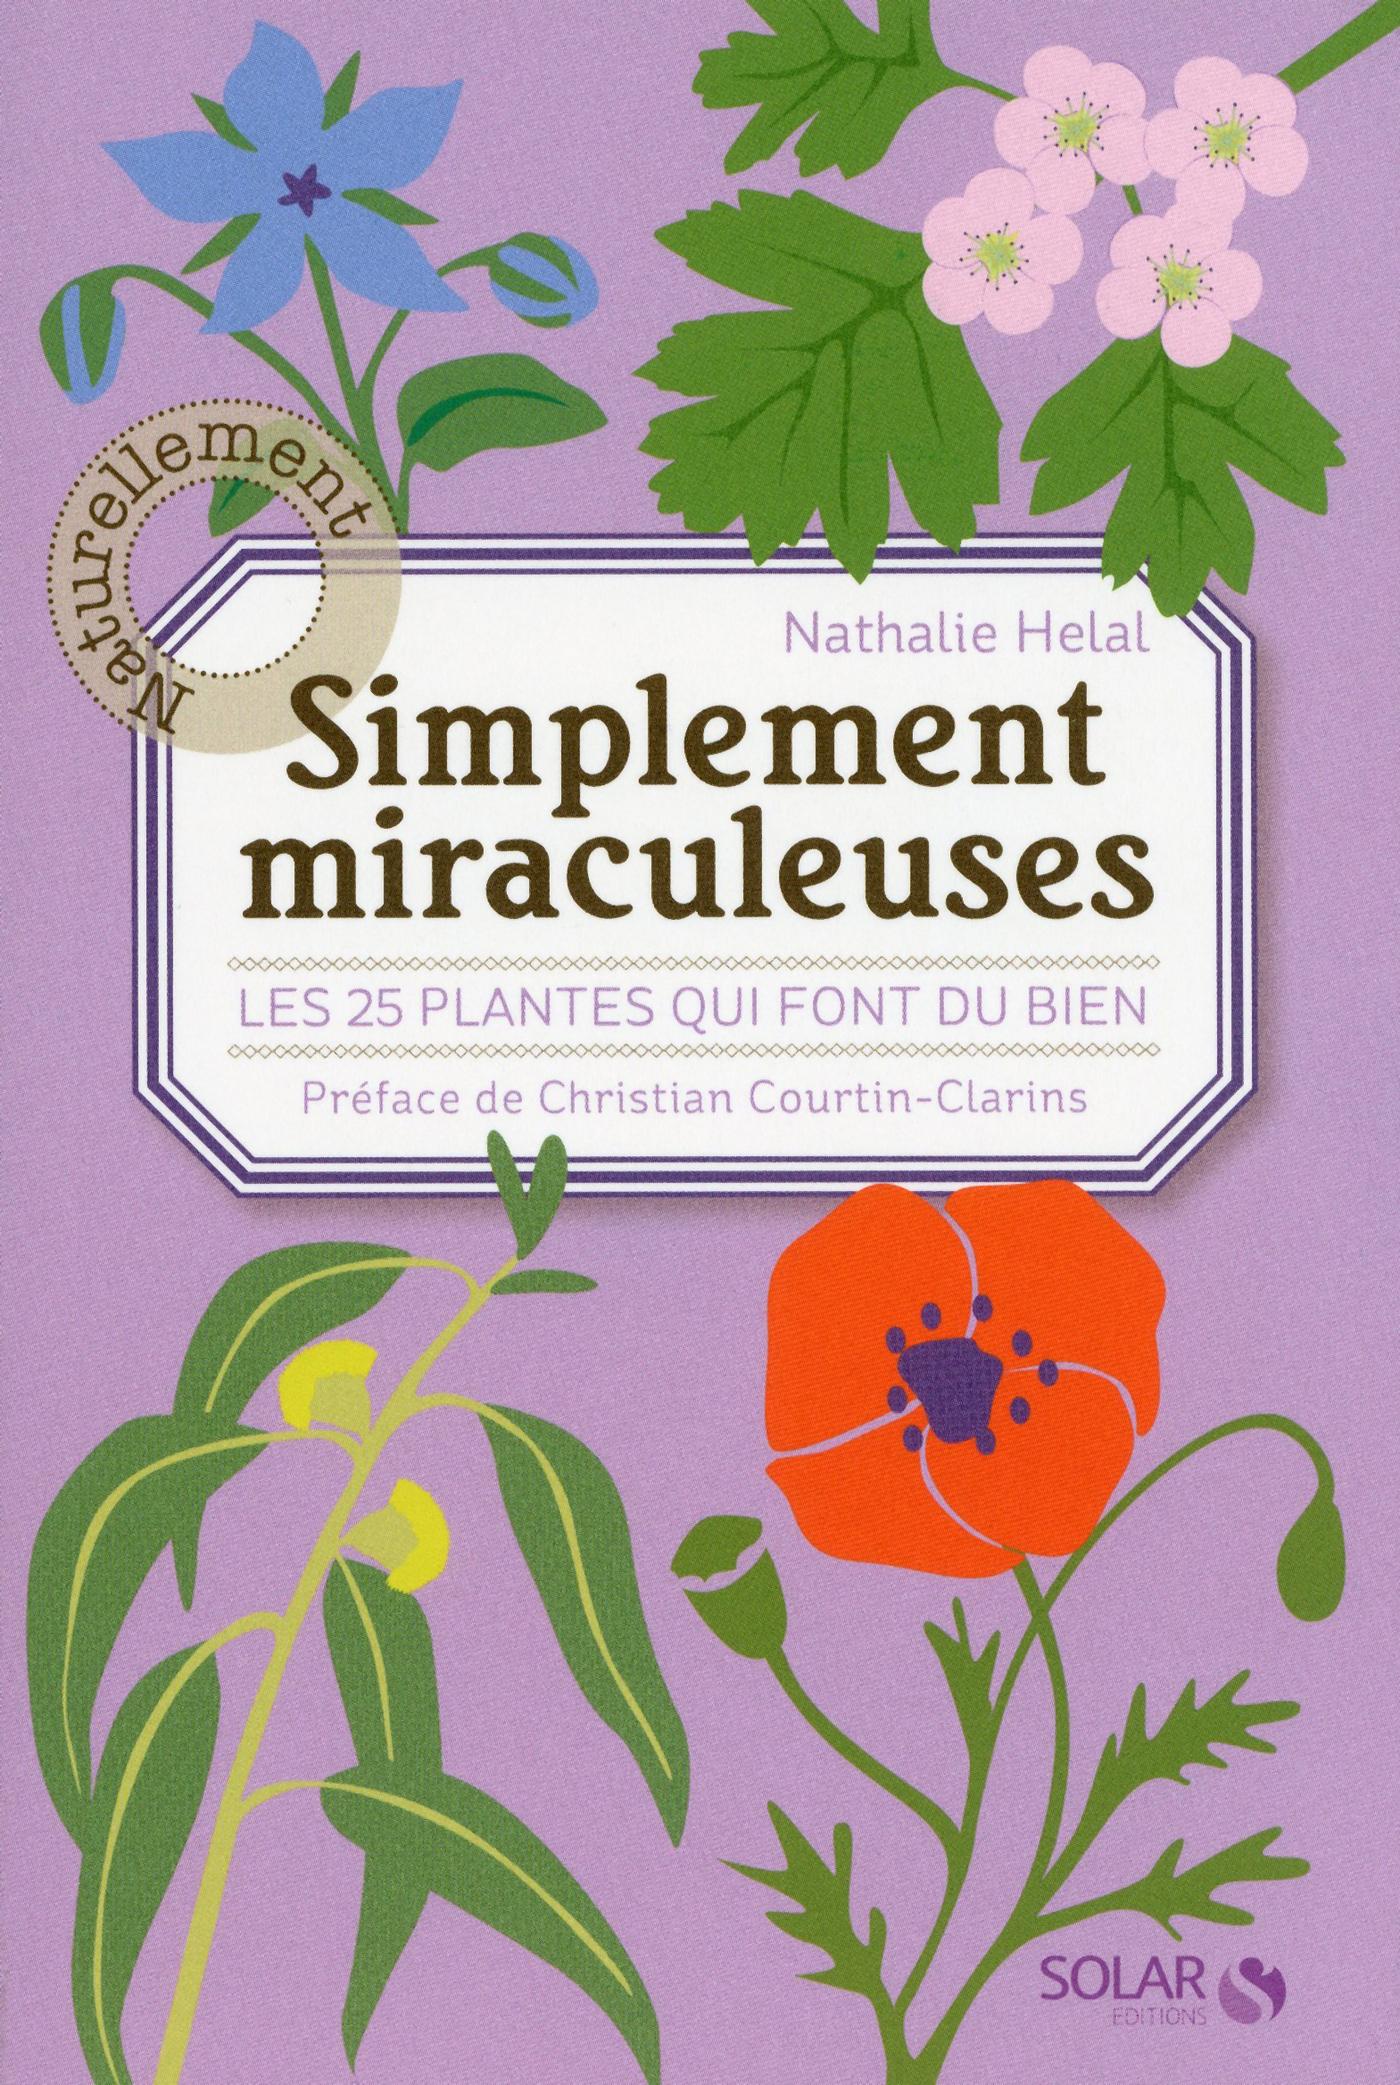 Simplement miraculeuses: Les 25 plantes qui font du bien (ebook)